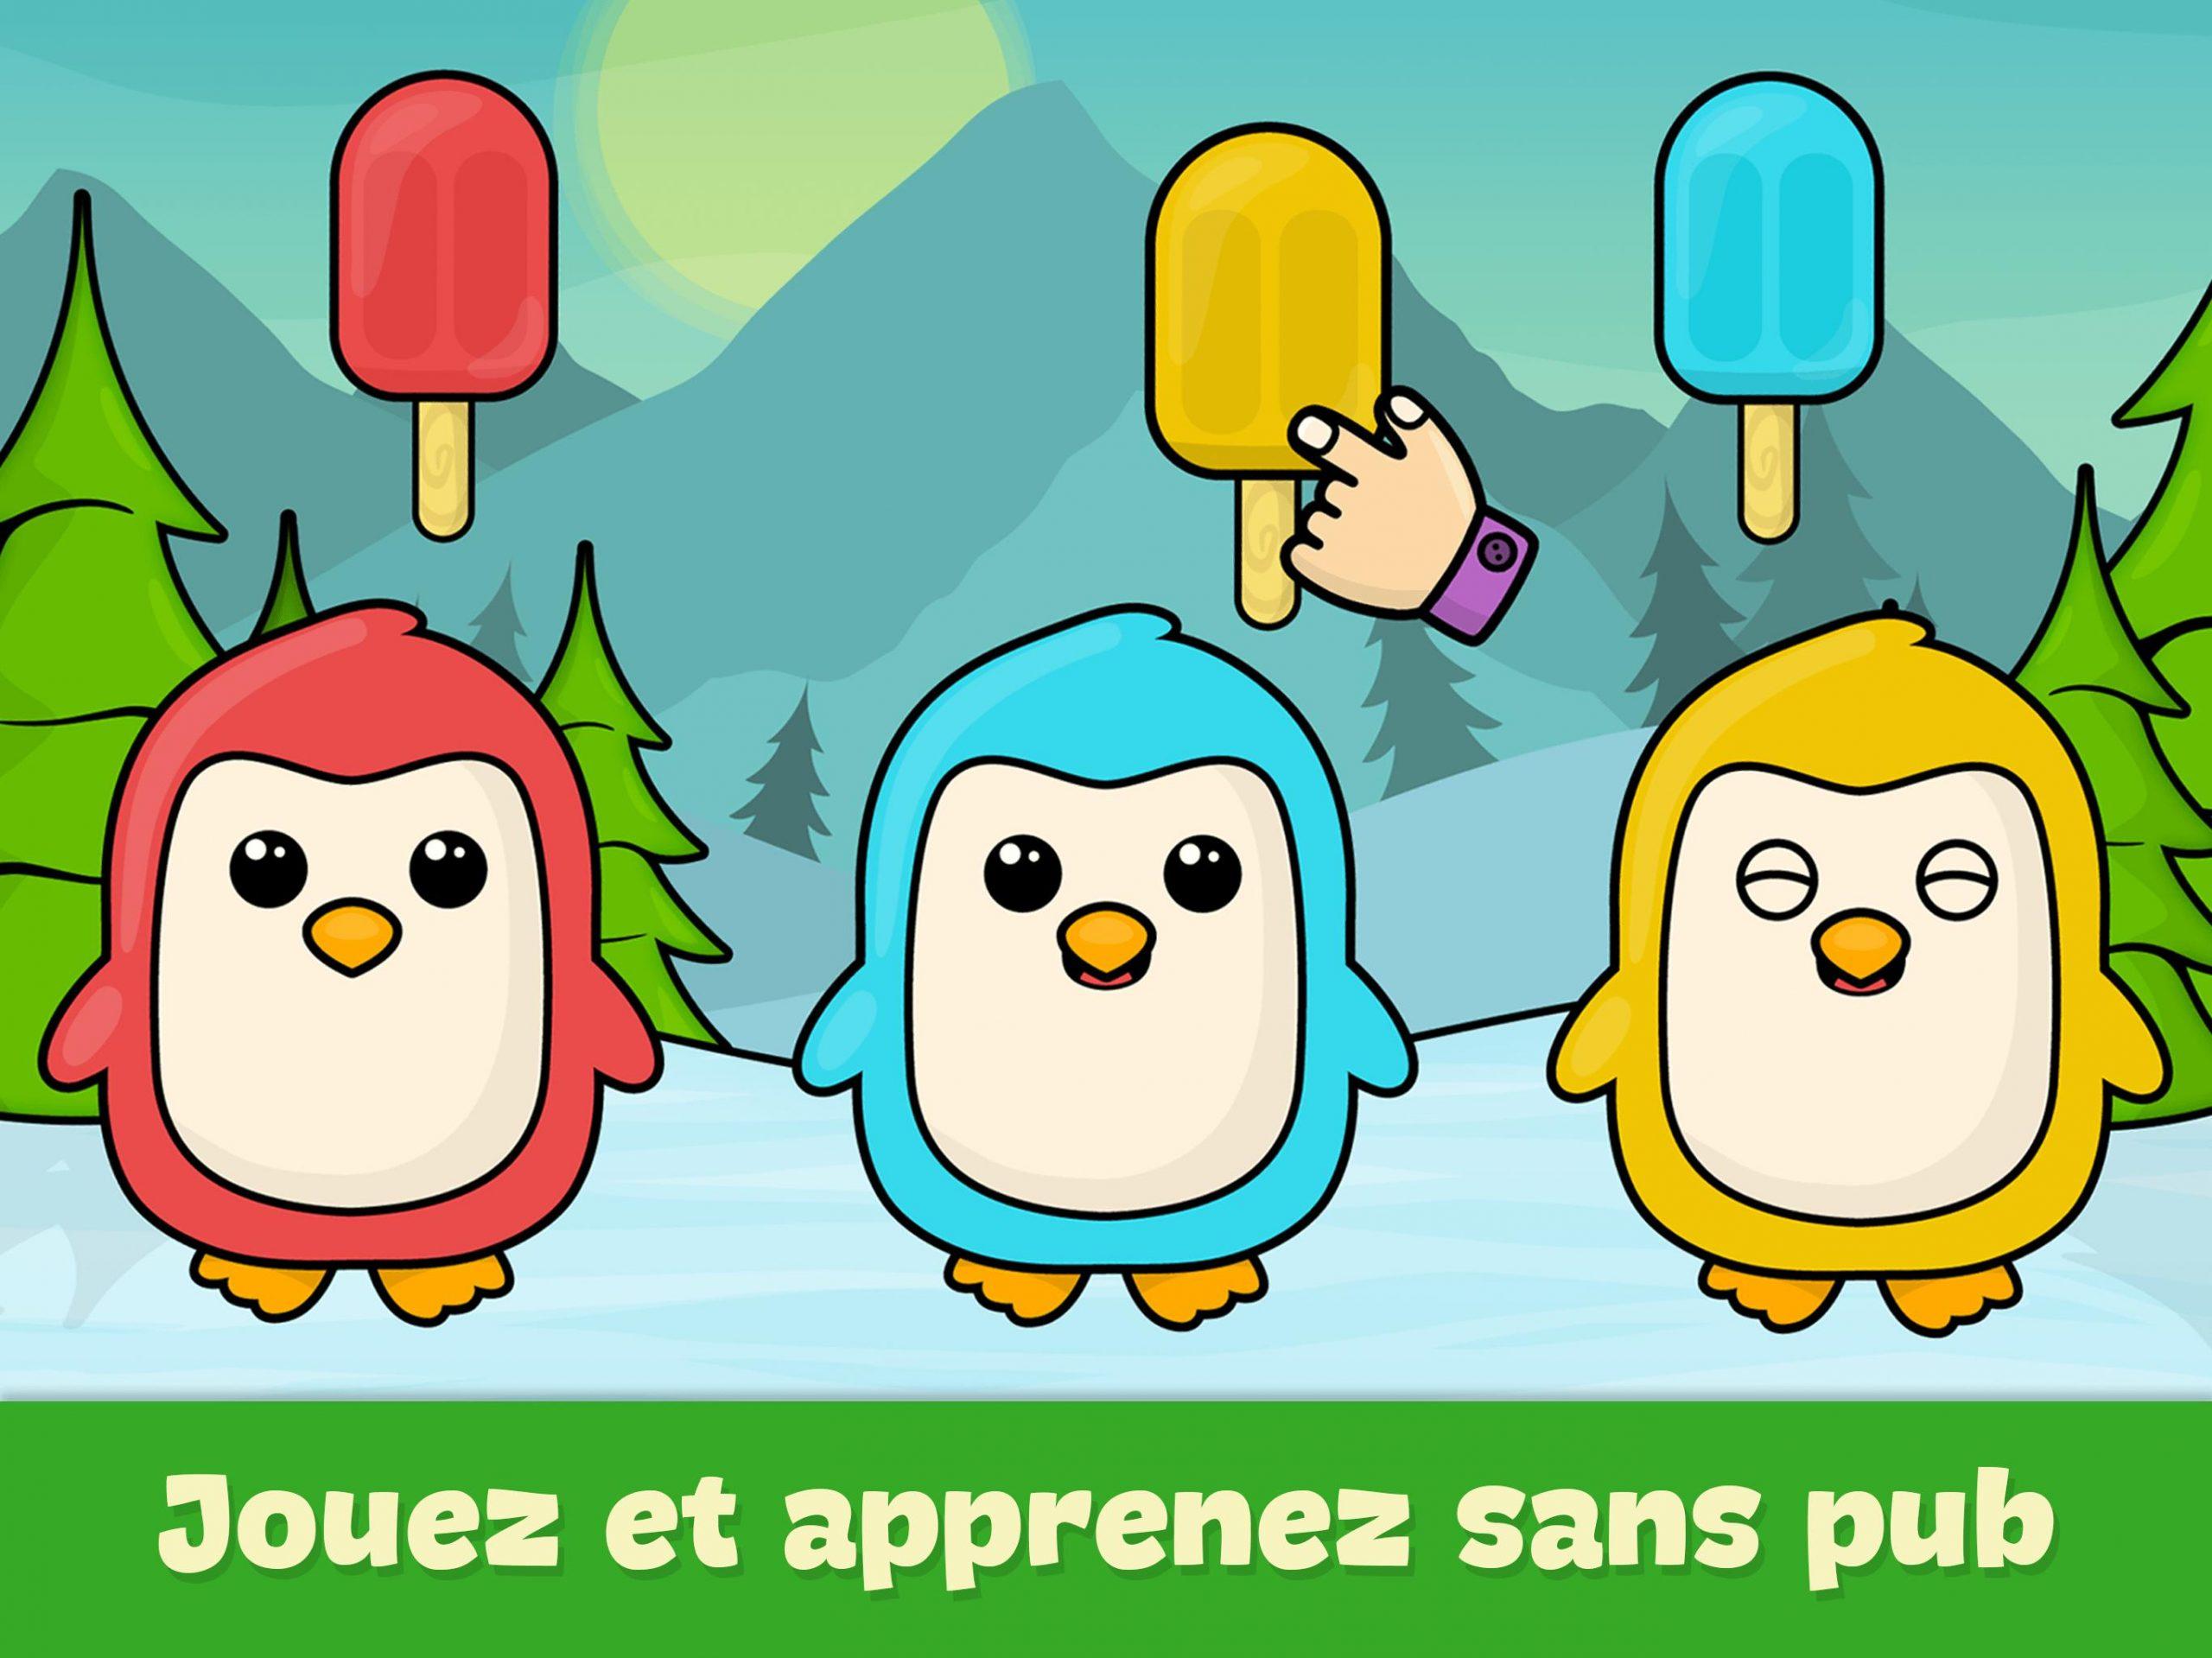 Jeux Pour Enfants 2 - 5 Ans Pour Android - Téléchargez L'apk pour Jeux Enfant De 5 Ans